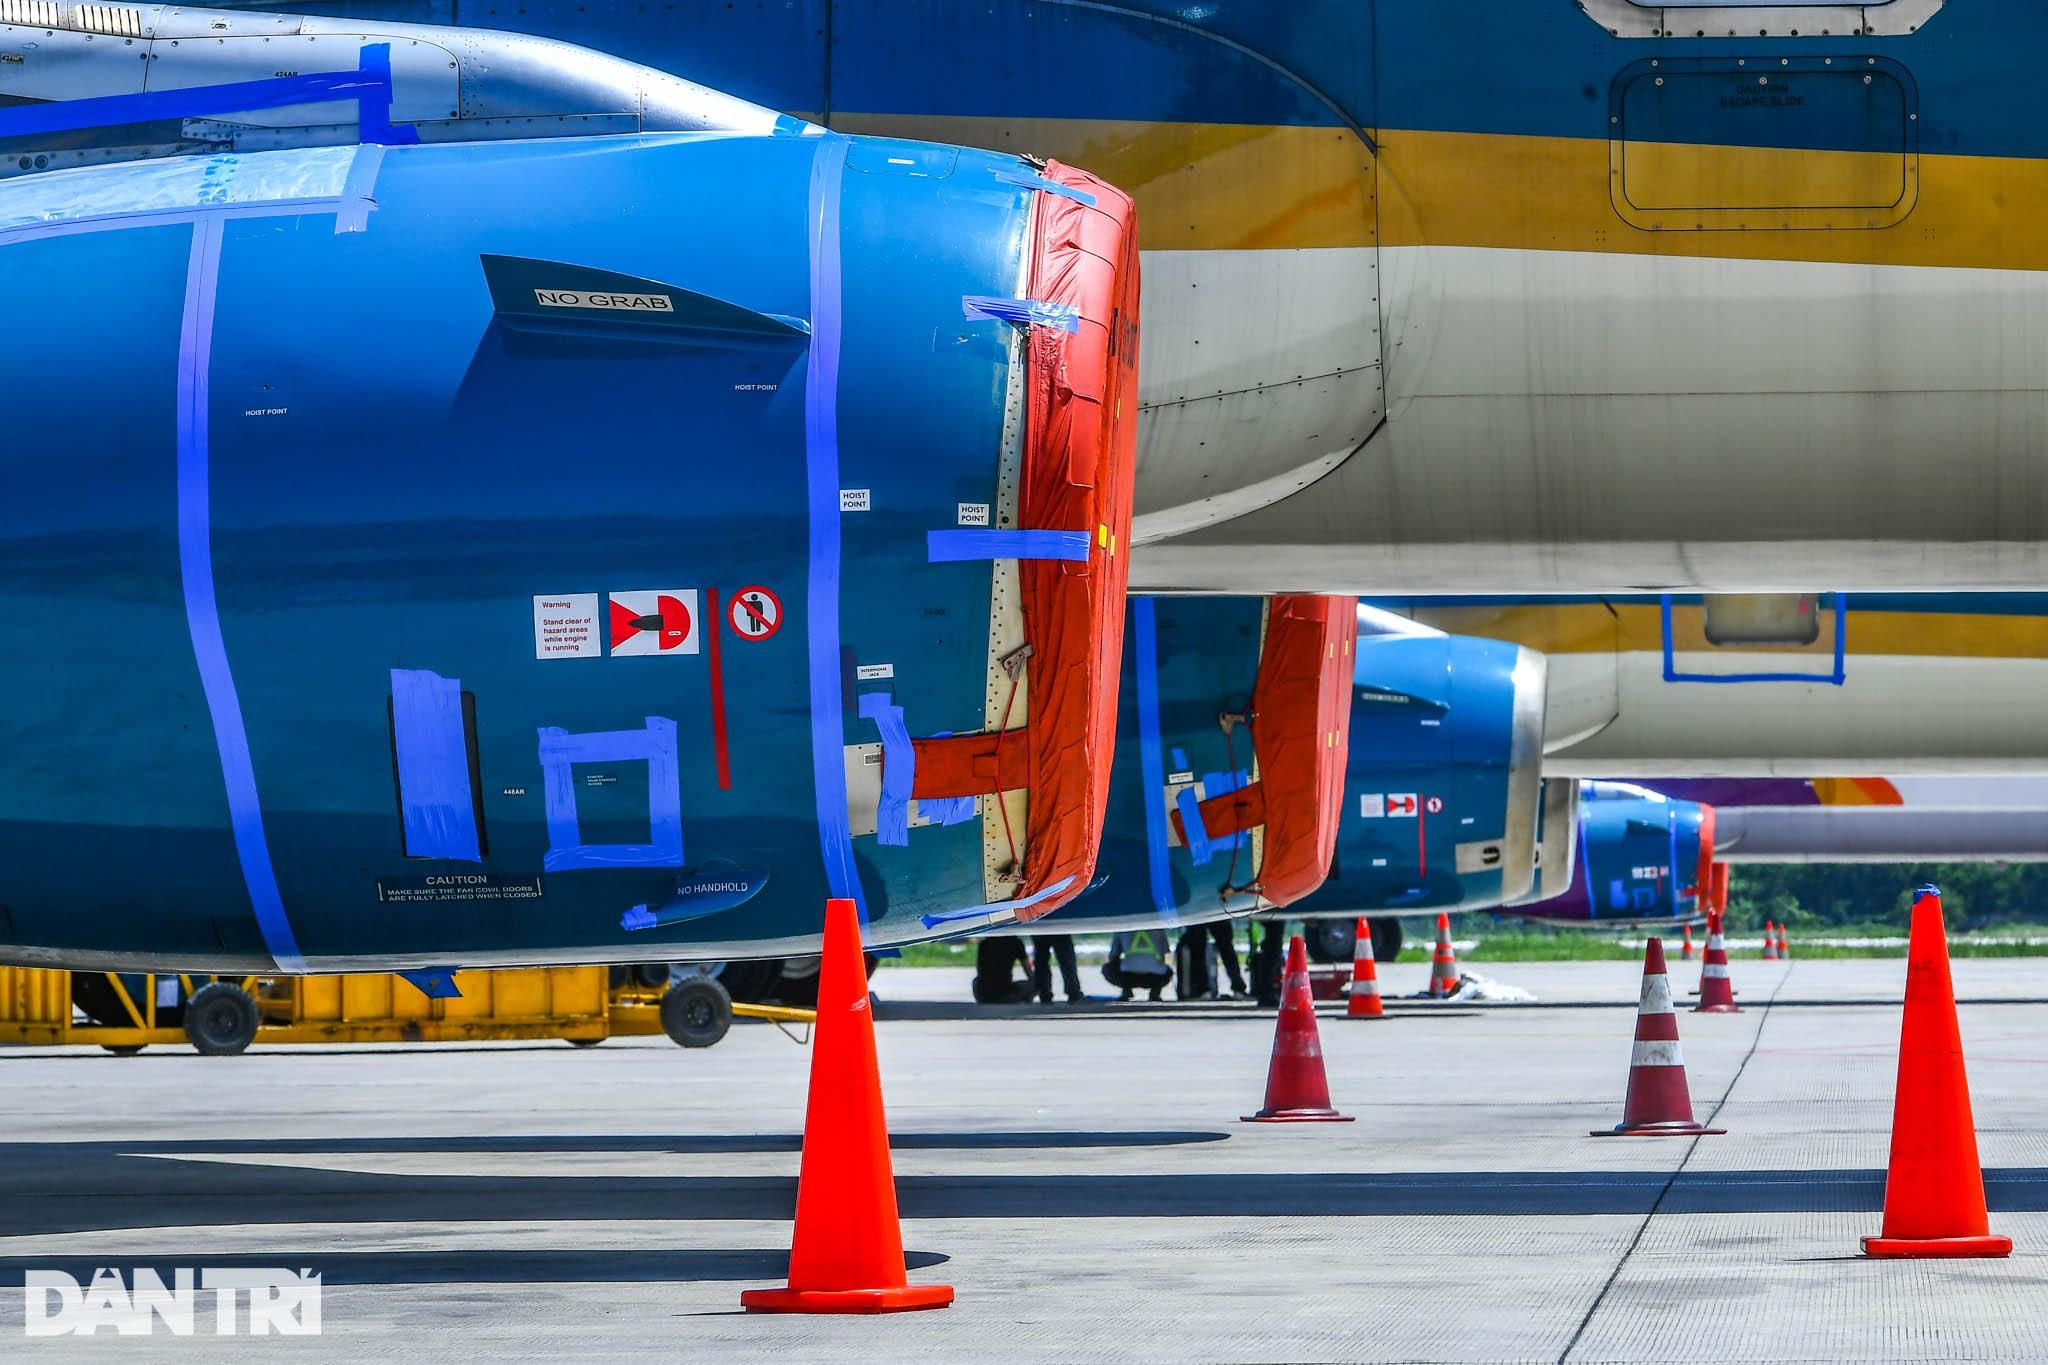 Ám ảnh hàng trăm tàu bay đắp chiếu nằm la liệt tại Nội Bài, Tân Sơn Nhất - 9